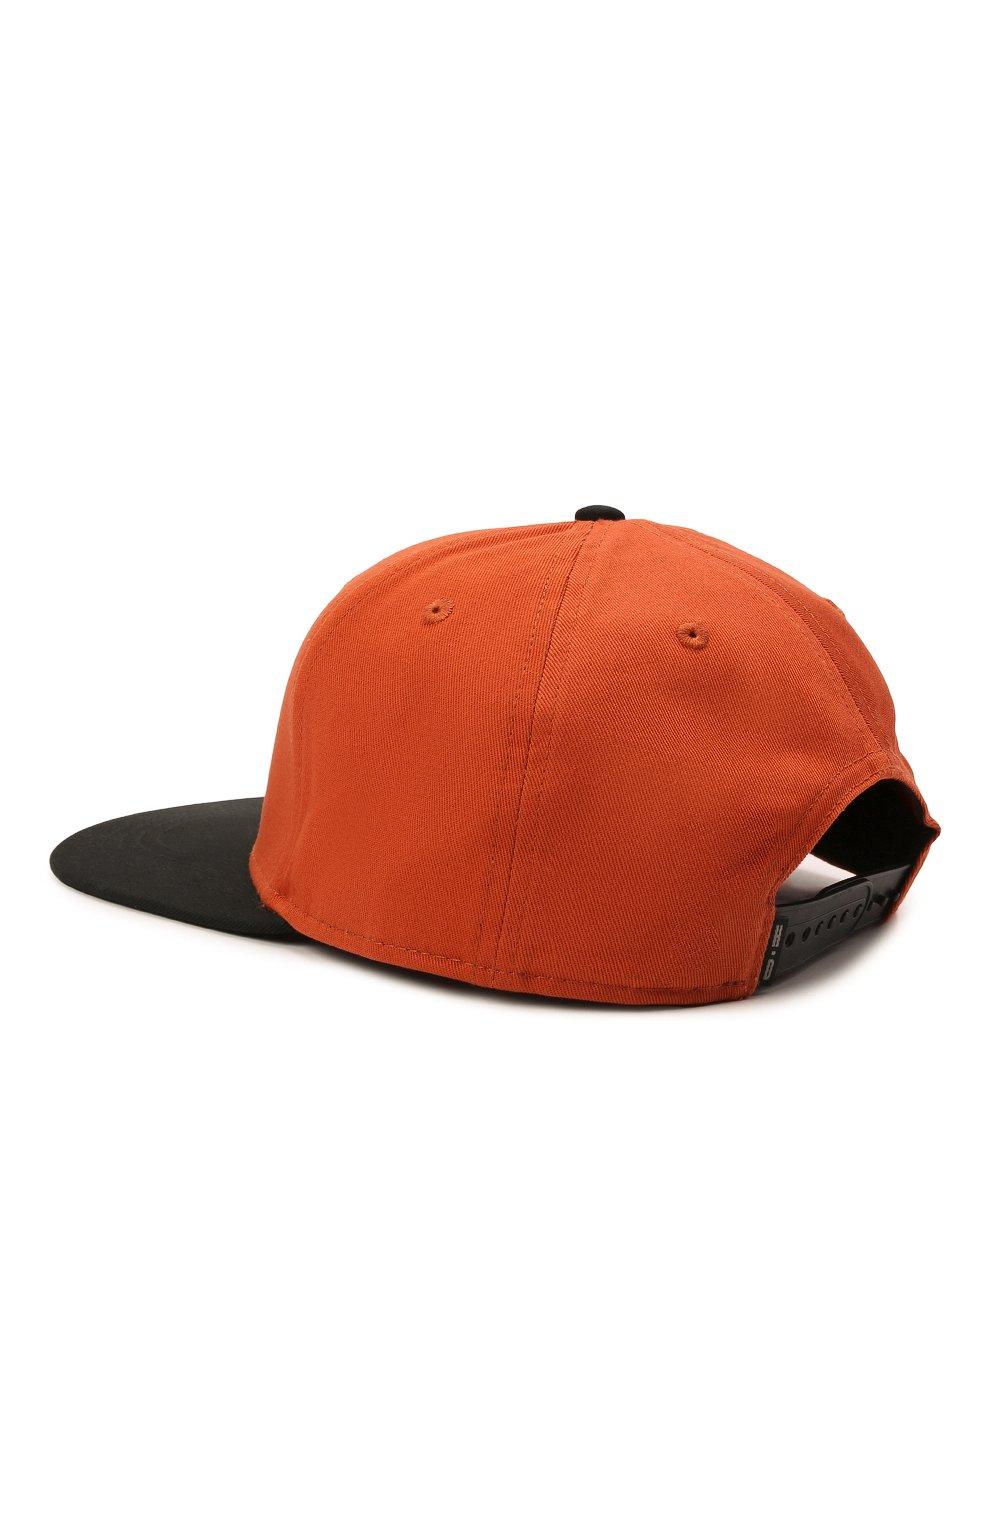 Мужской хлопковая бейсболка HARLEY-DAVIDSON оранжевого цвета, арт. 97700-21VM | Фото 3 (Материал: Текстиль, Хлопок)